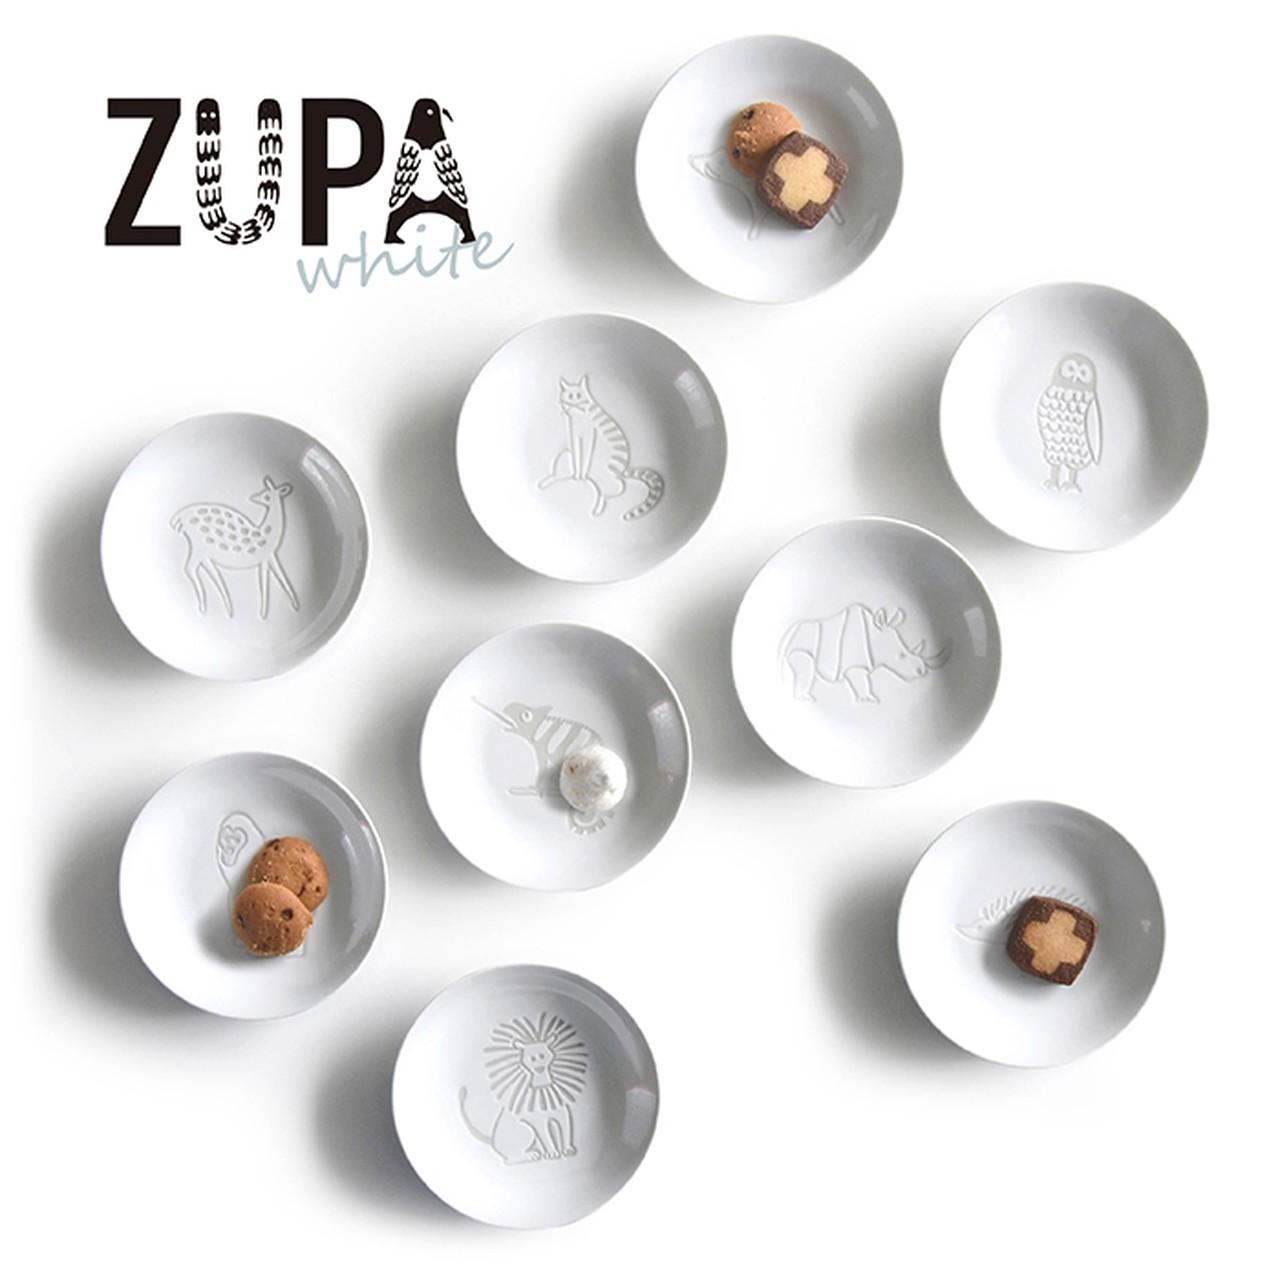 【波佐見焼】【natural69】【ZUPA white】【豆皿】 食器 北欧風 小皿 おしょうゆ皿 お手塩皿 動物柄